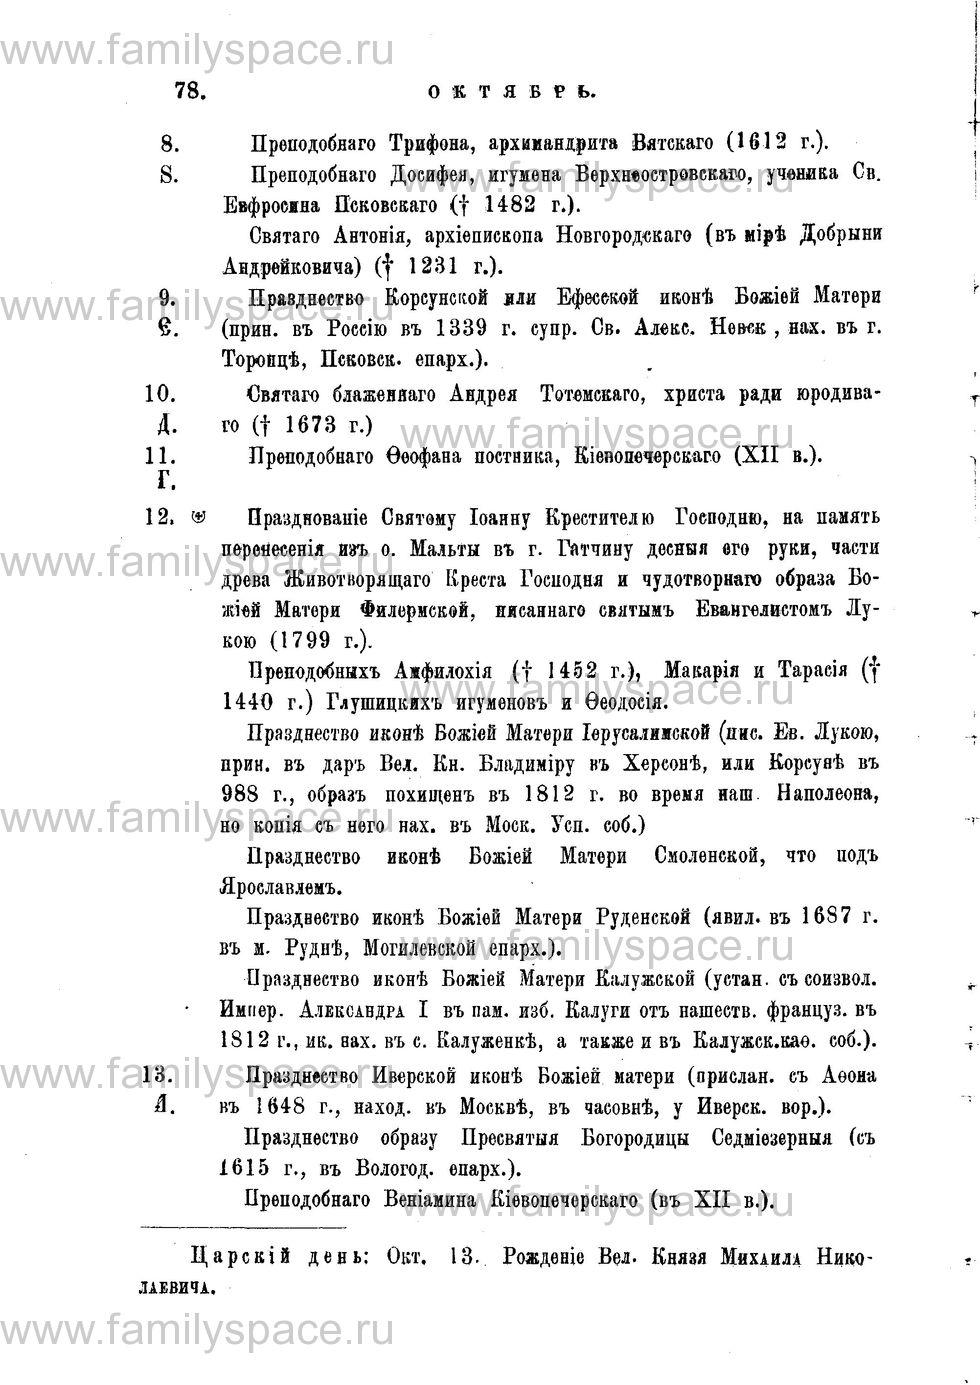 Поиск по фамилии - Адрес-календарь Нижегородской епархии на 1888 год, страница 1078